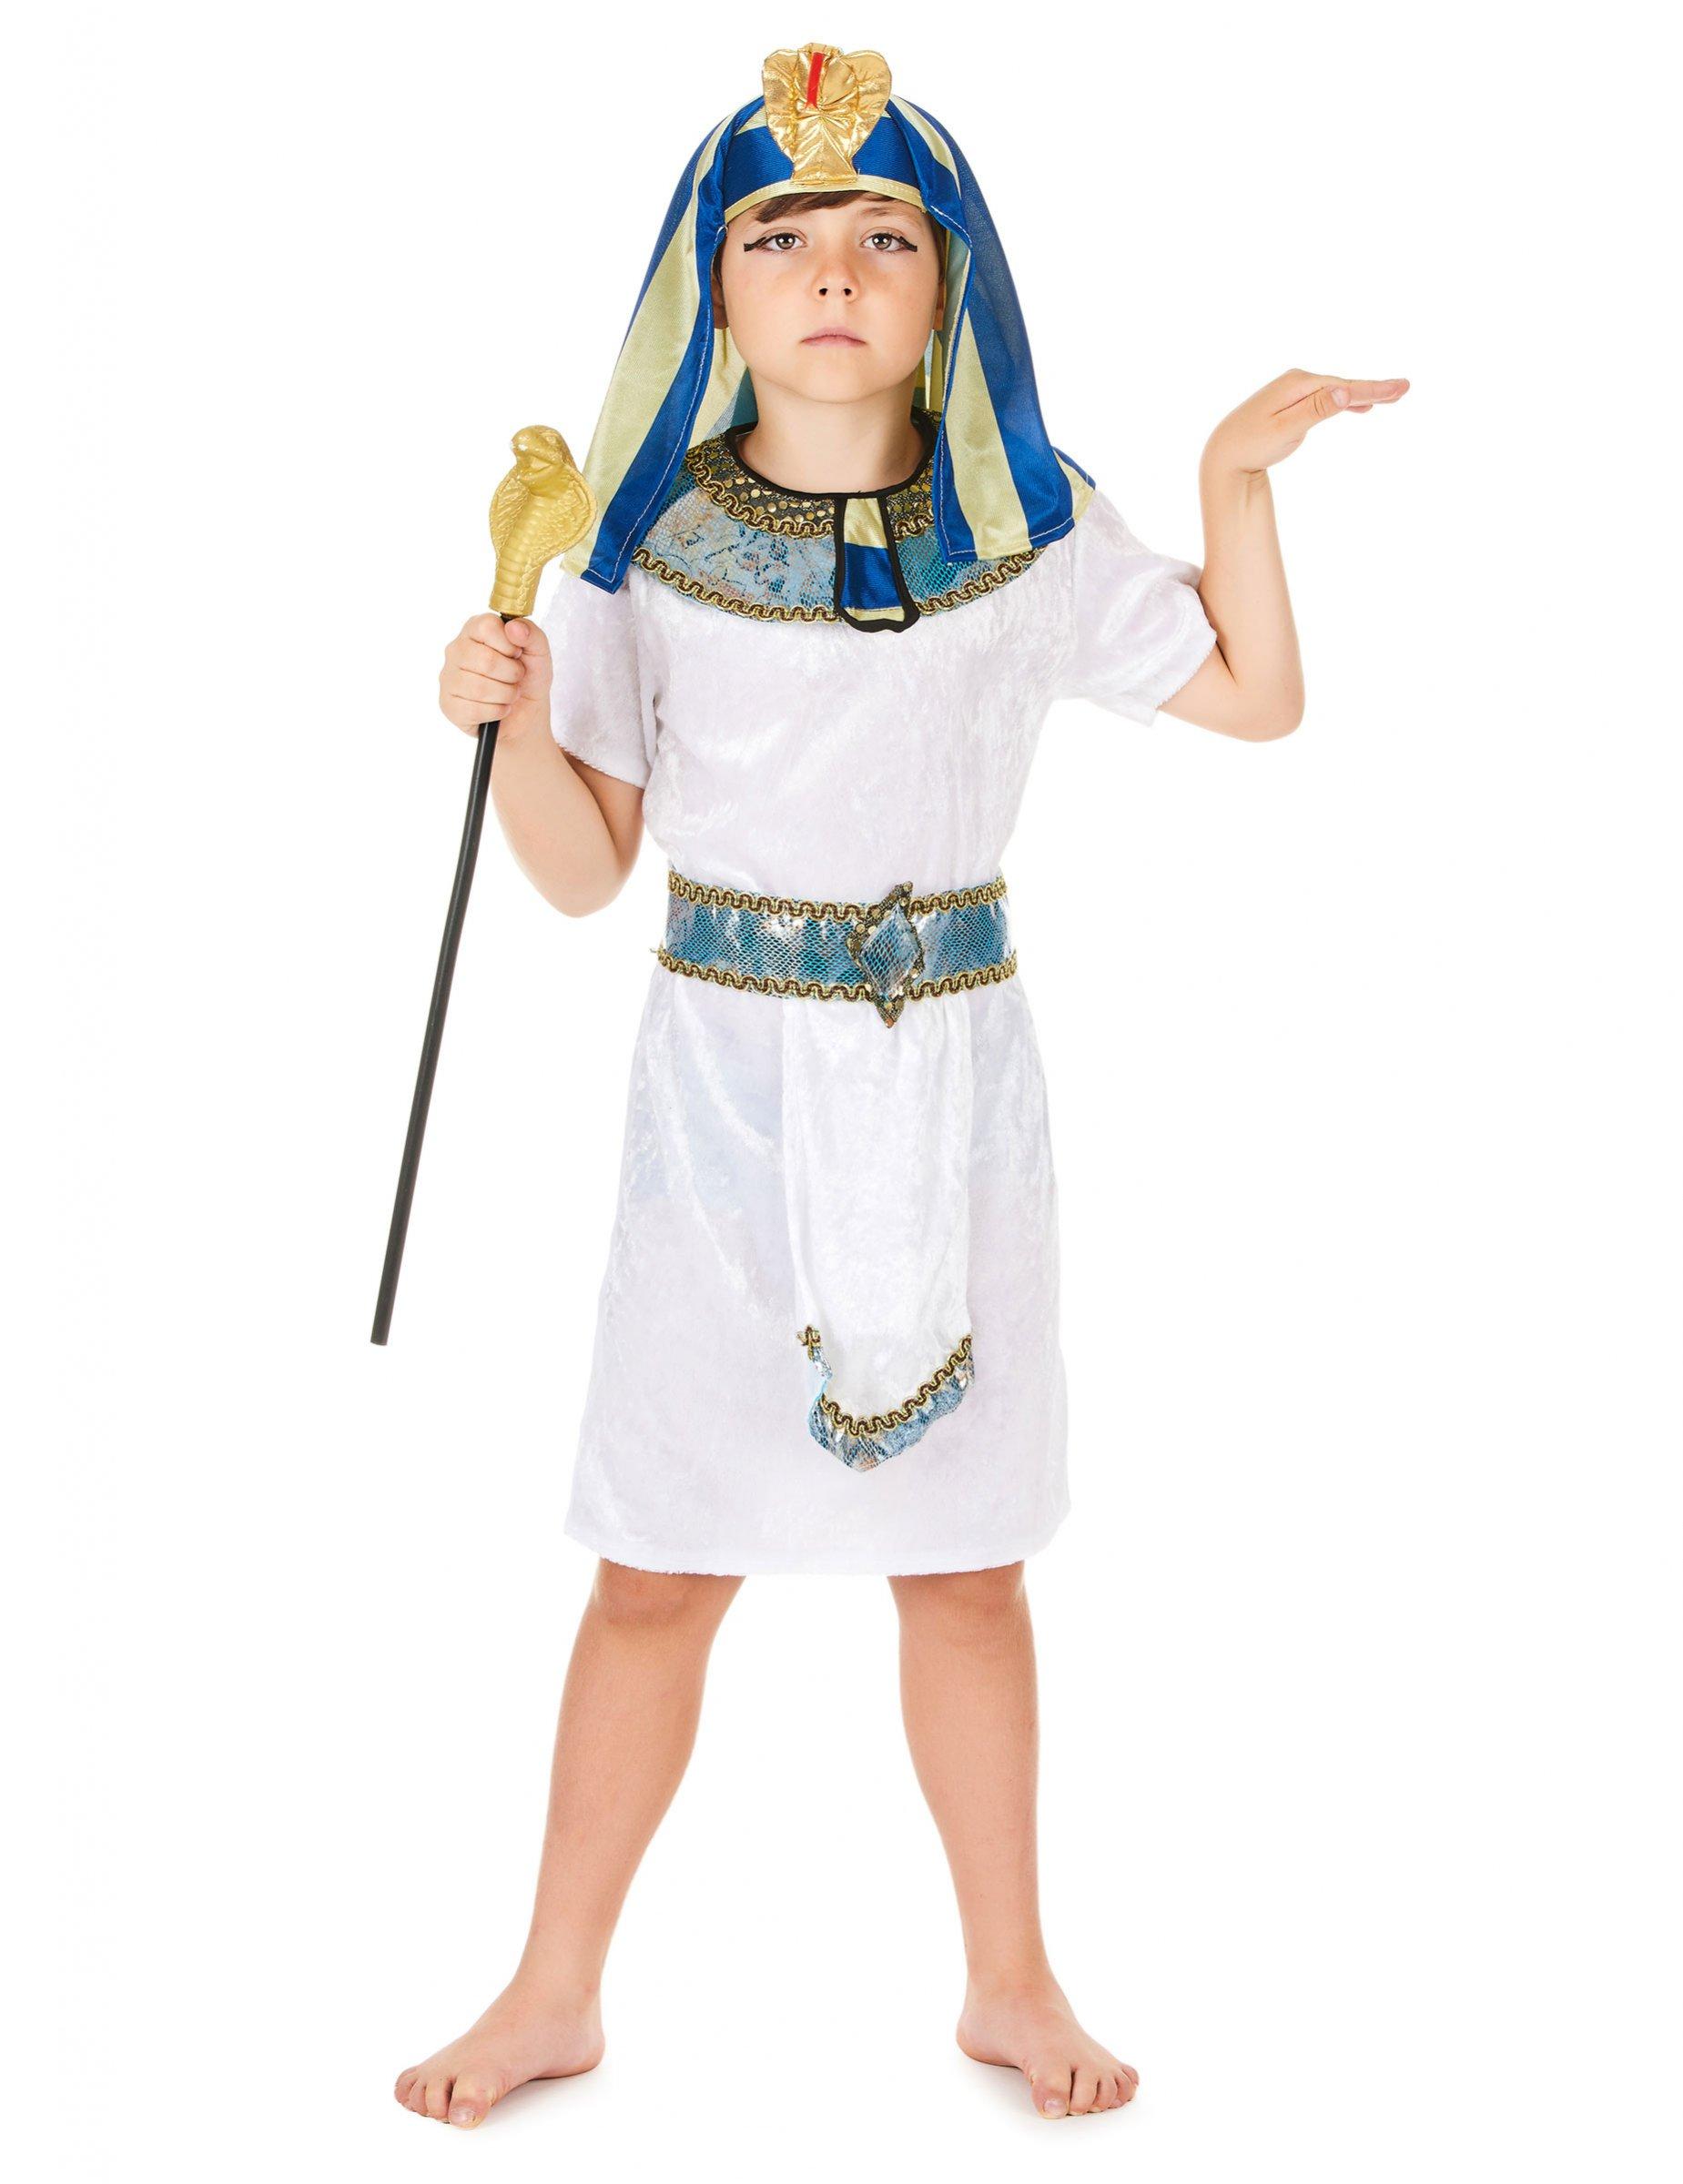 Agyptischer Pharao Kostum Fur Jungen Kostume Fur Kinder Und